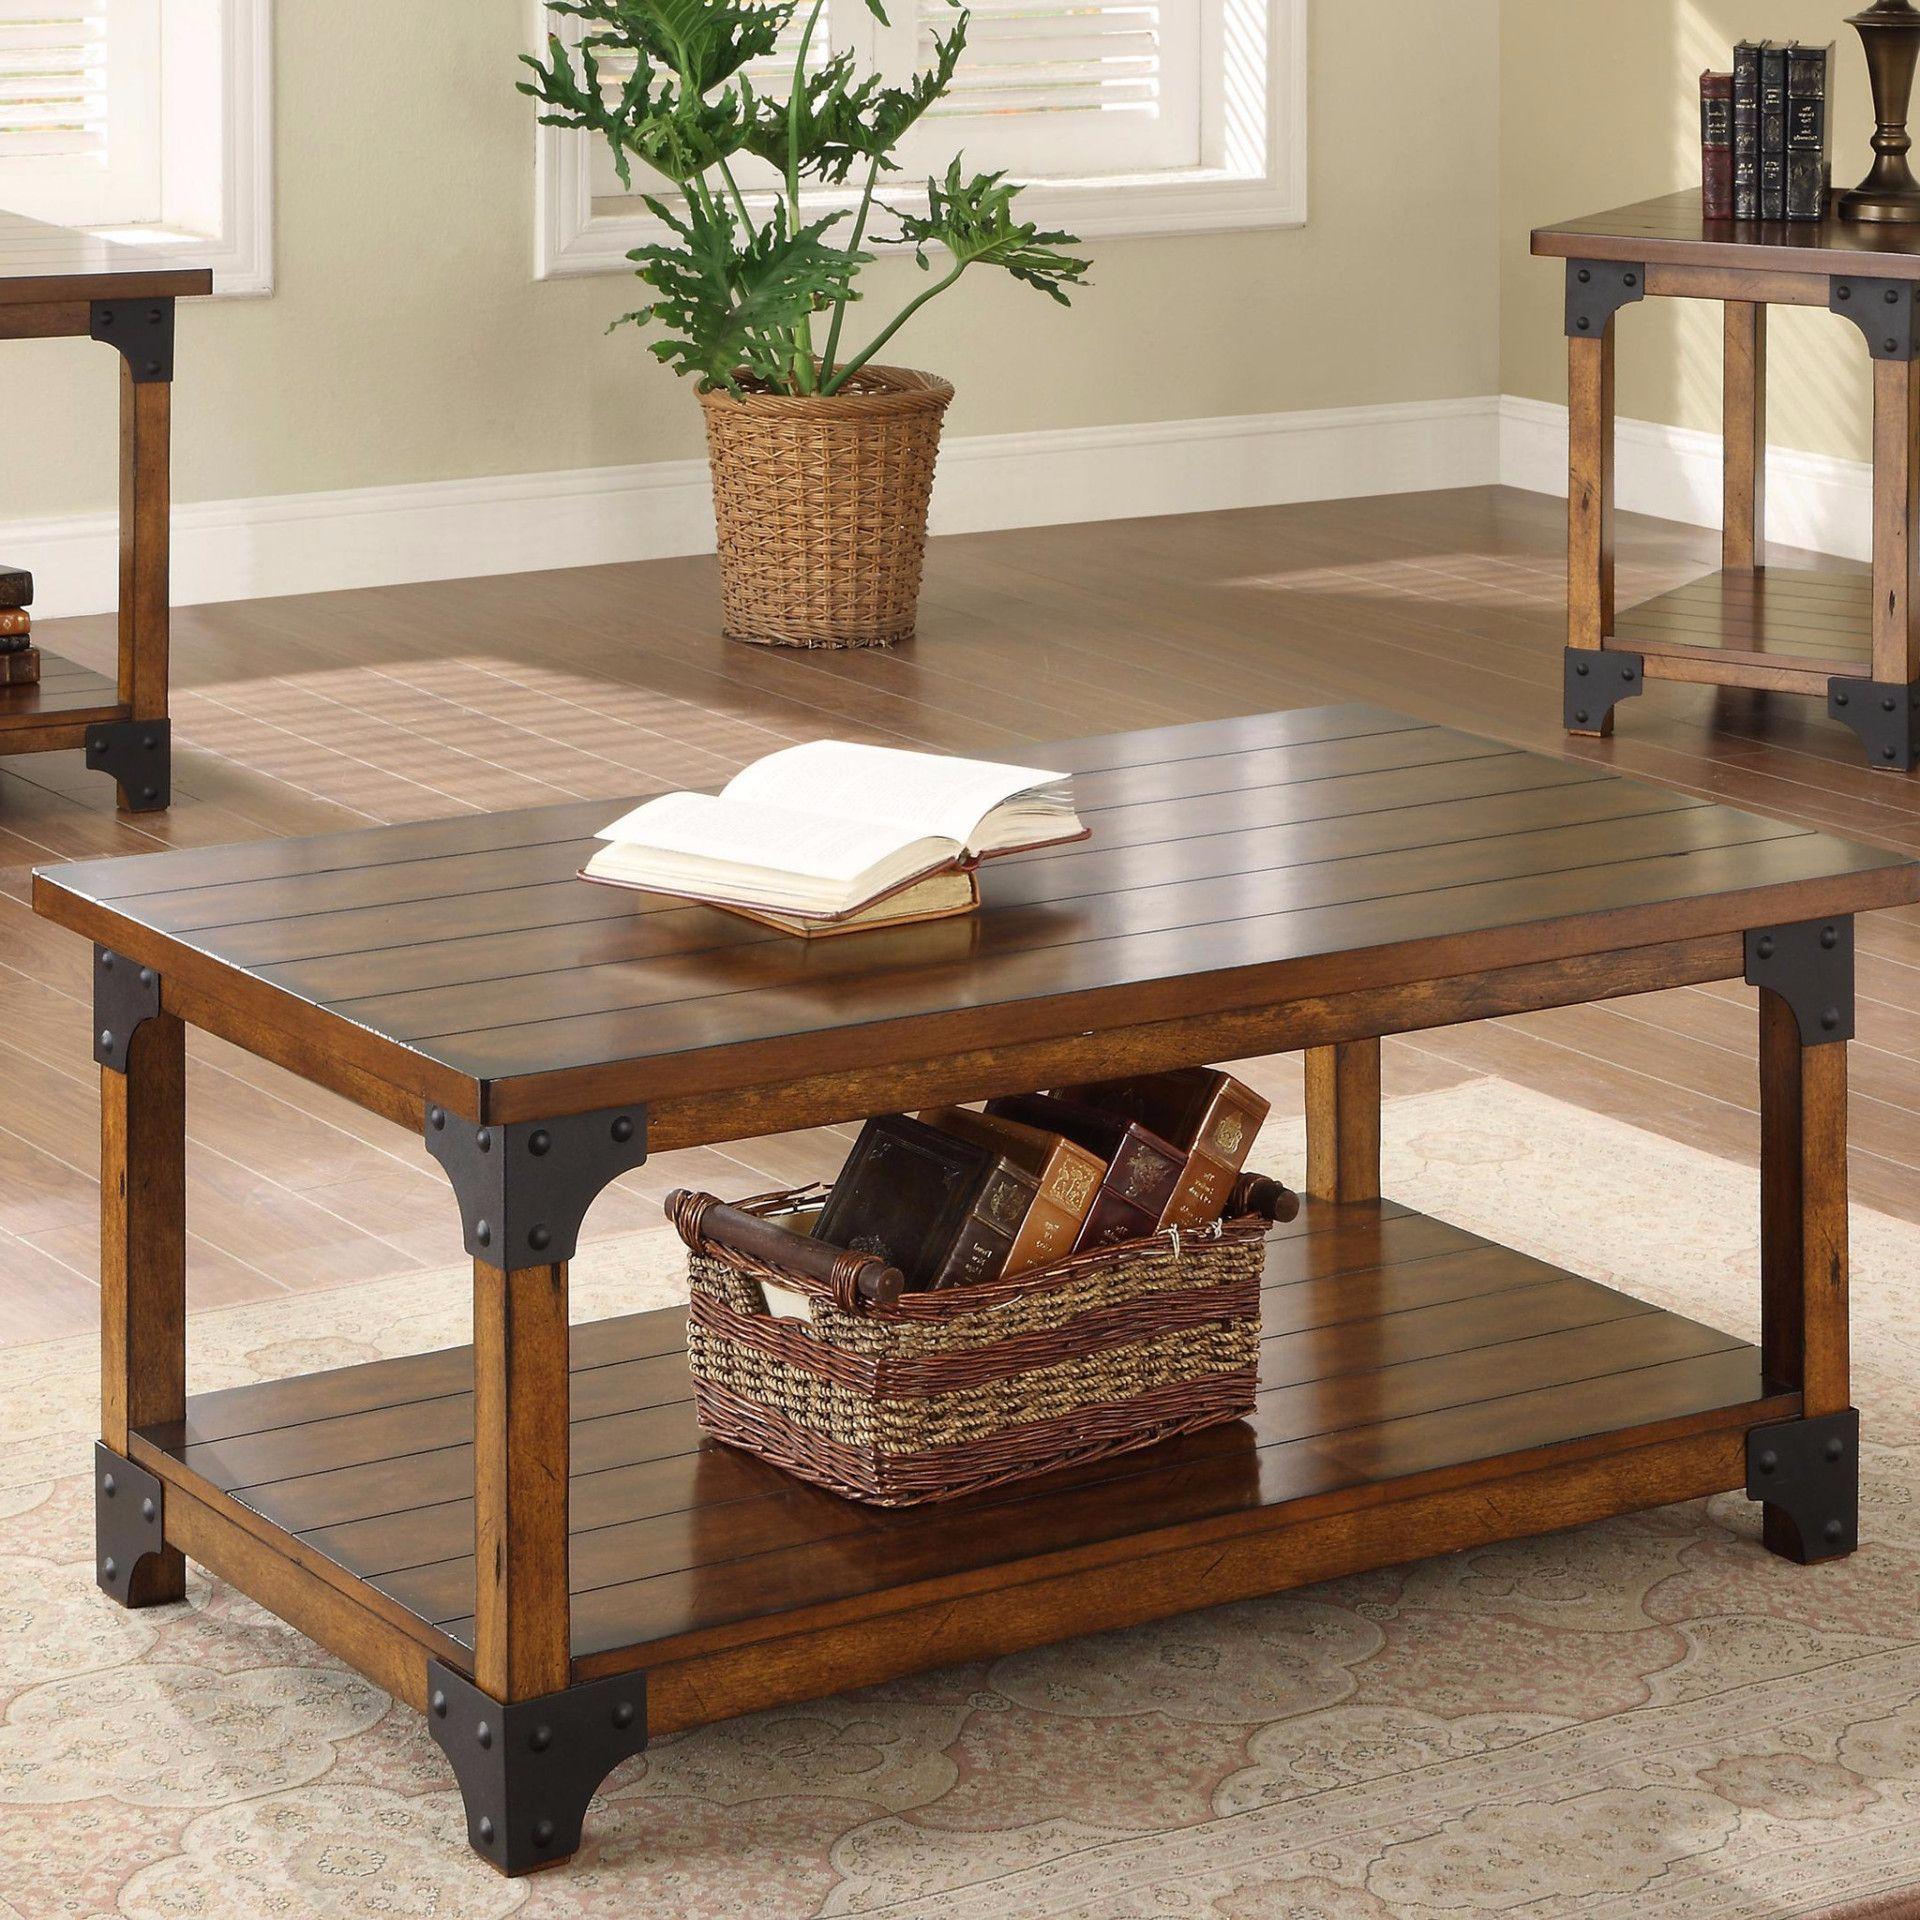 William 3 Piece Set Rustic Oak Coffee Table 3 Piece Coffee Table Set Oak Coffee Table [ 1920 x 1920 Pixel ]